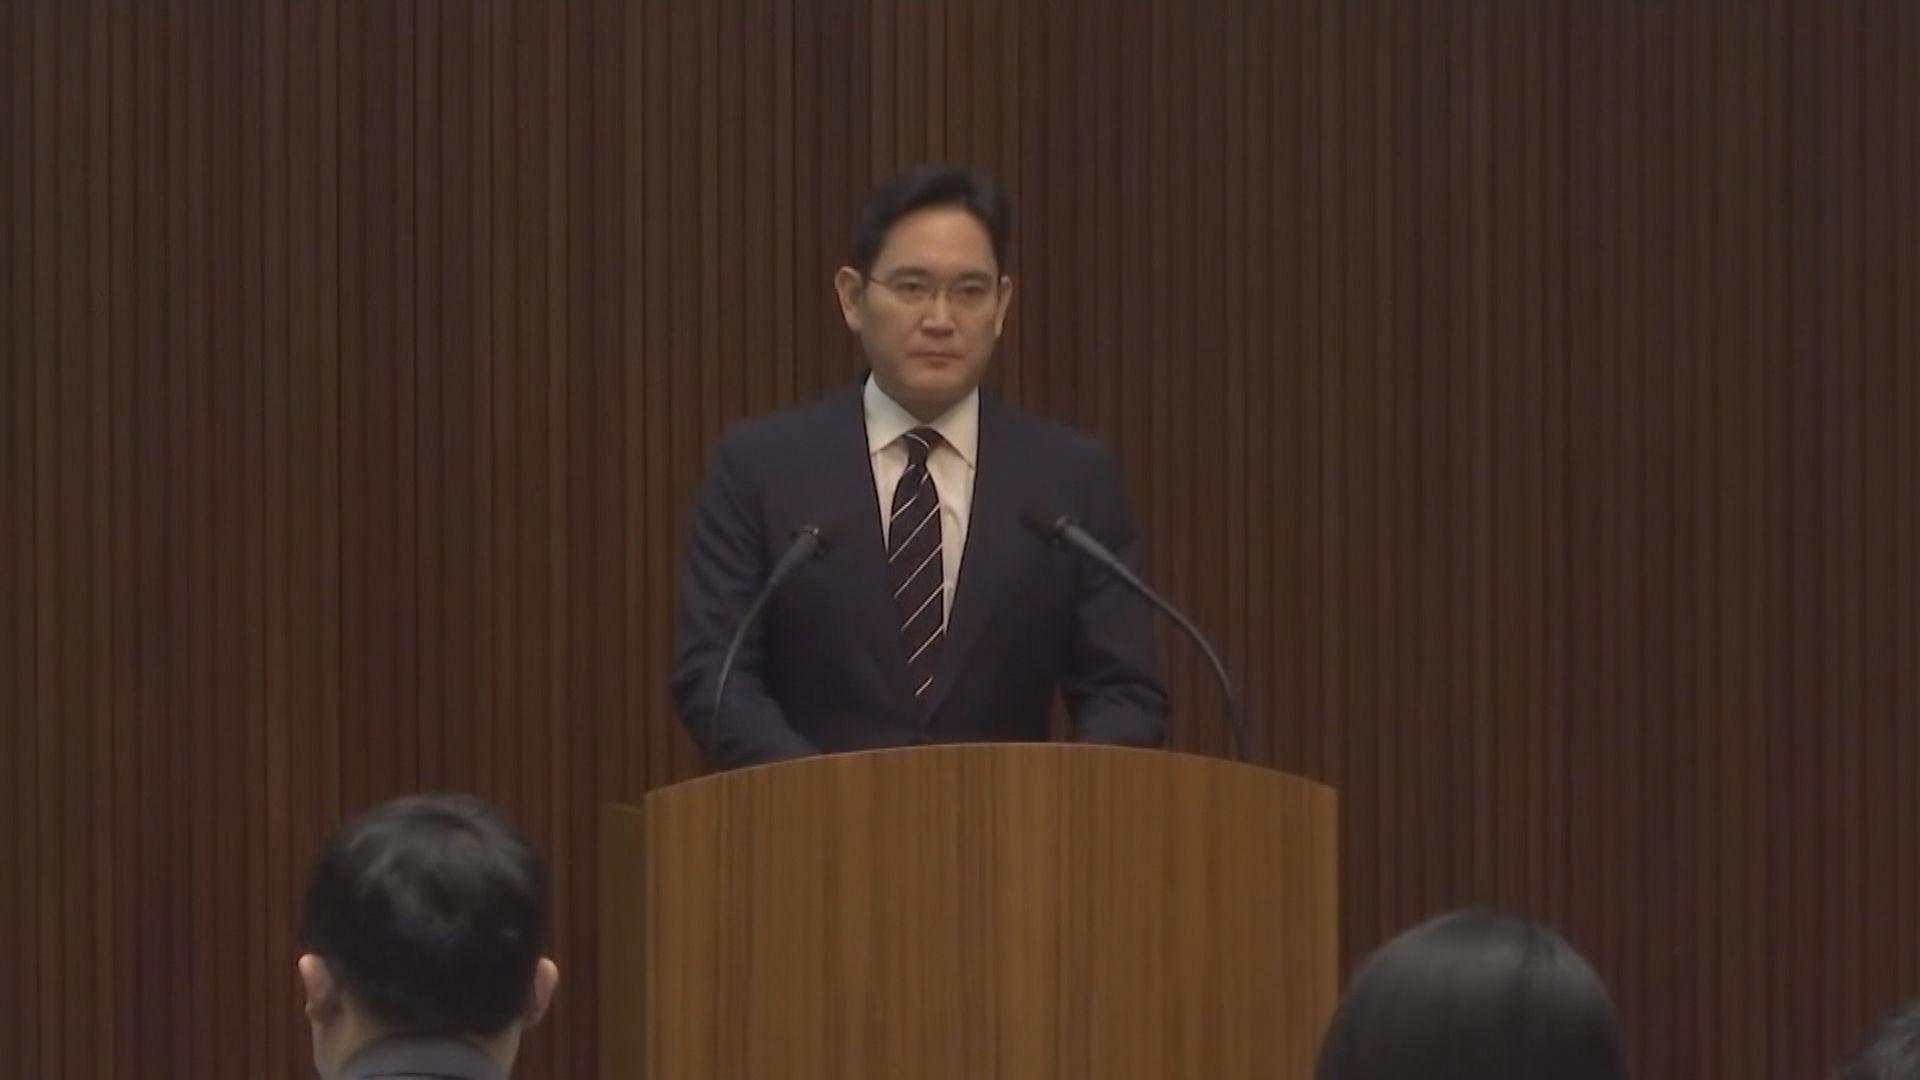 首爾法院拒絕批准拘捕三星電子副會長李在鎔